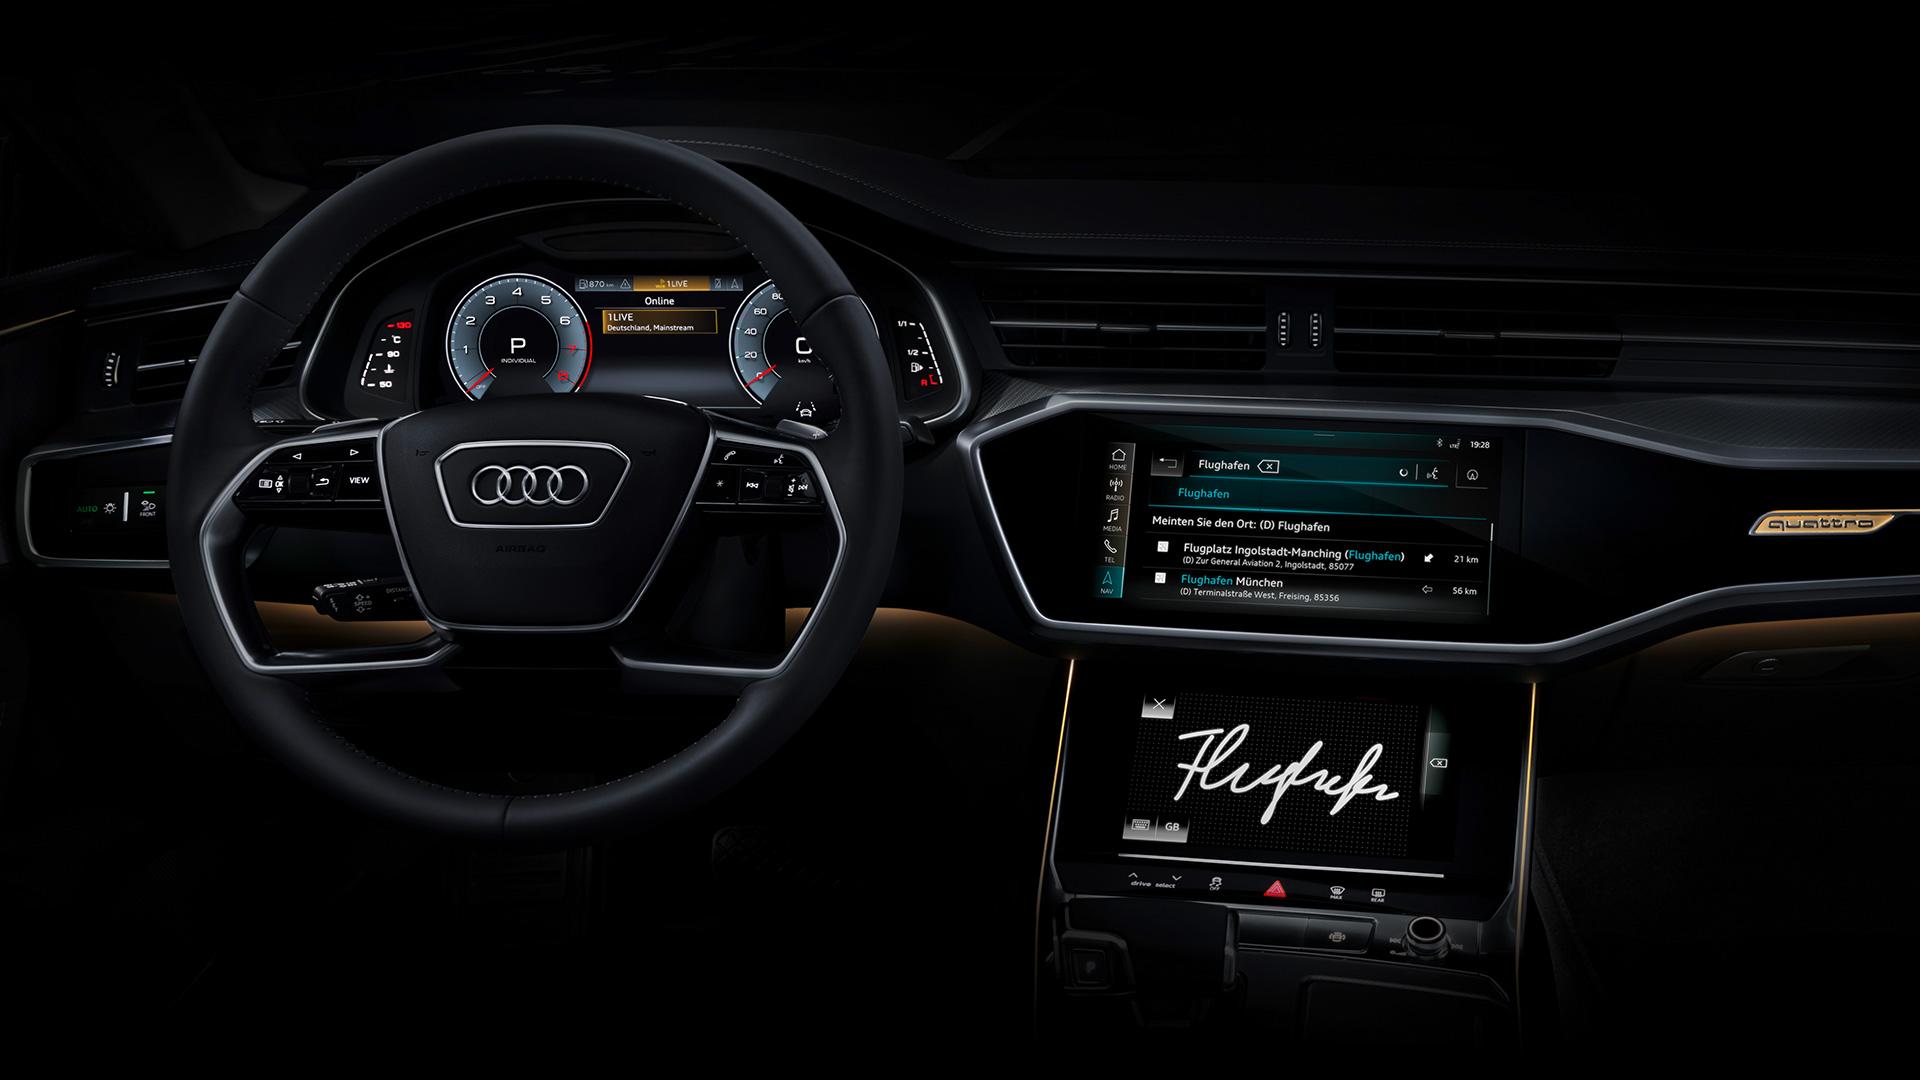 Audi A7 Interieur